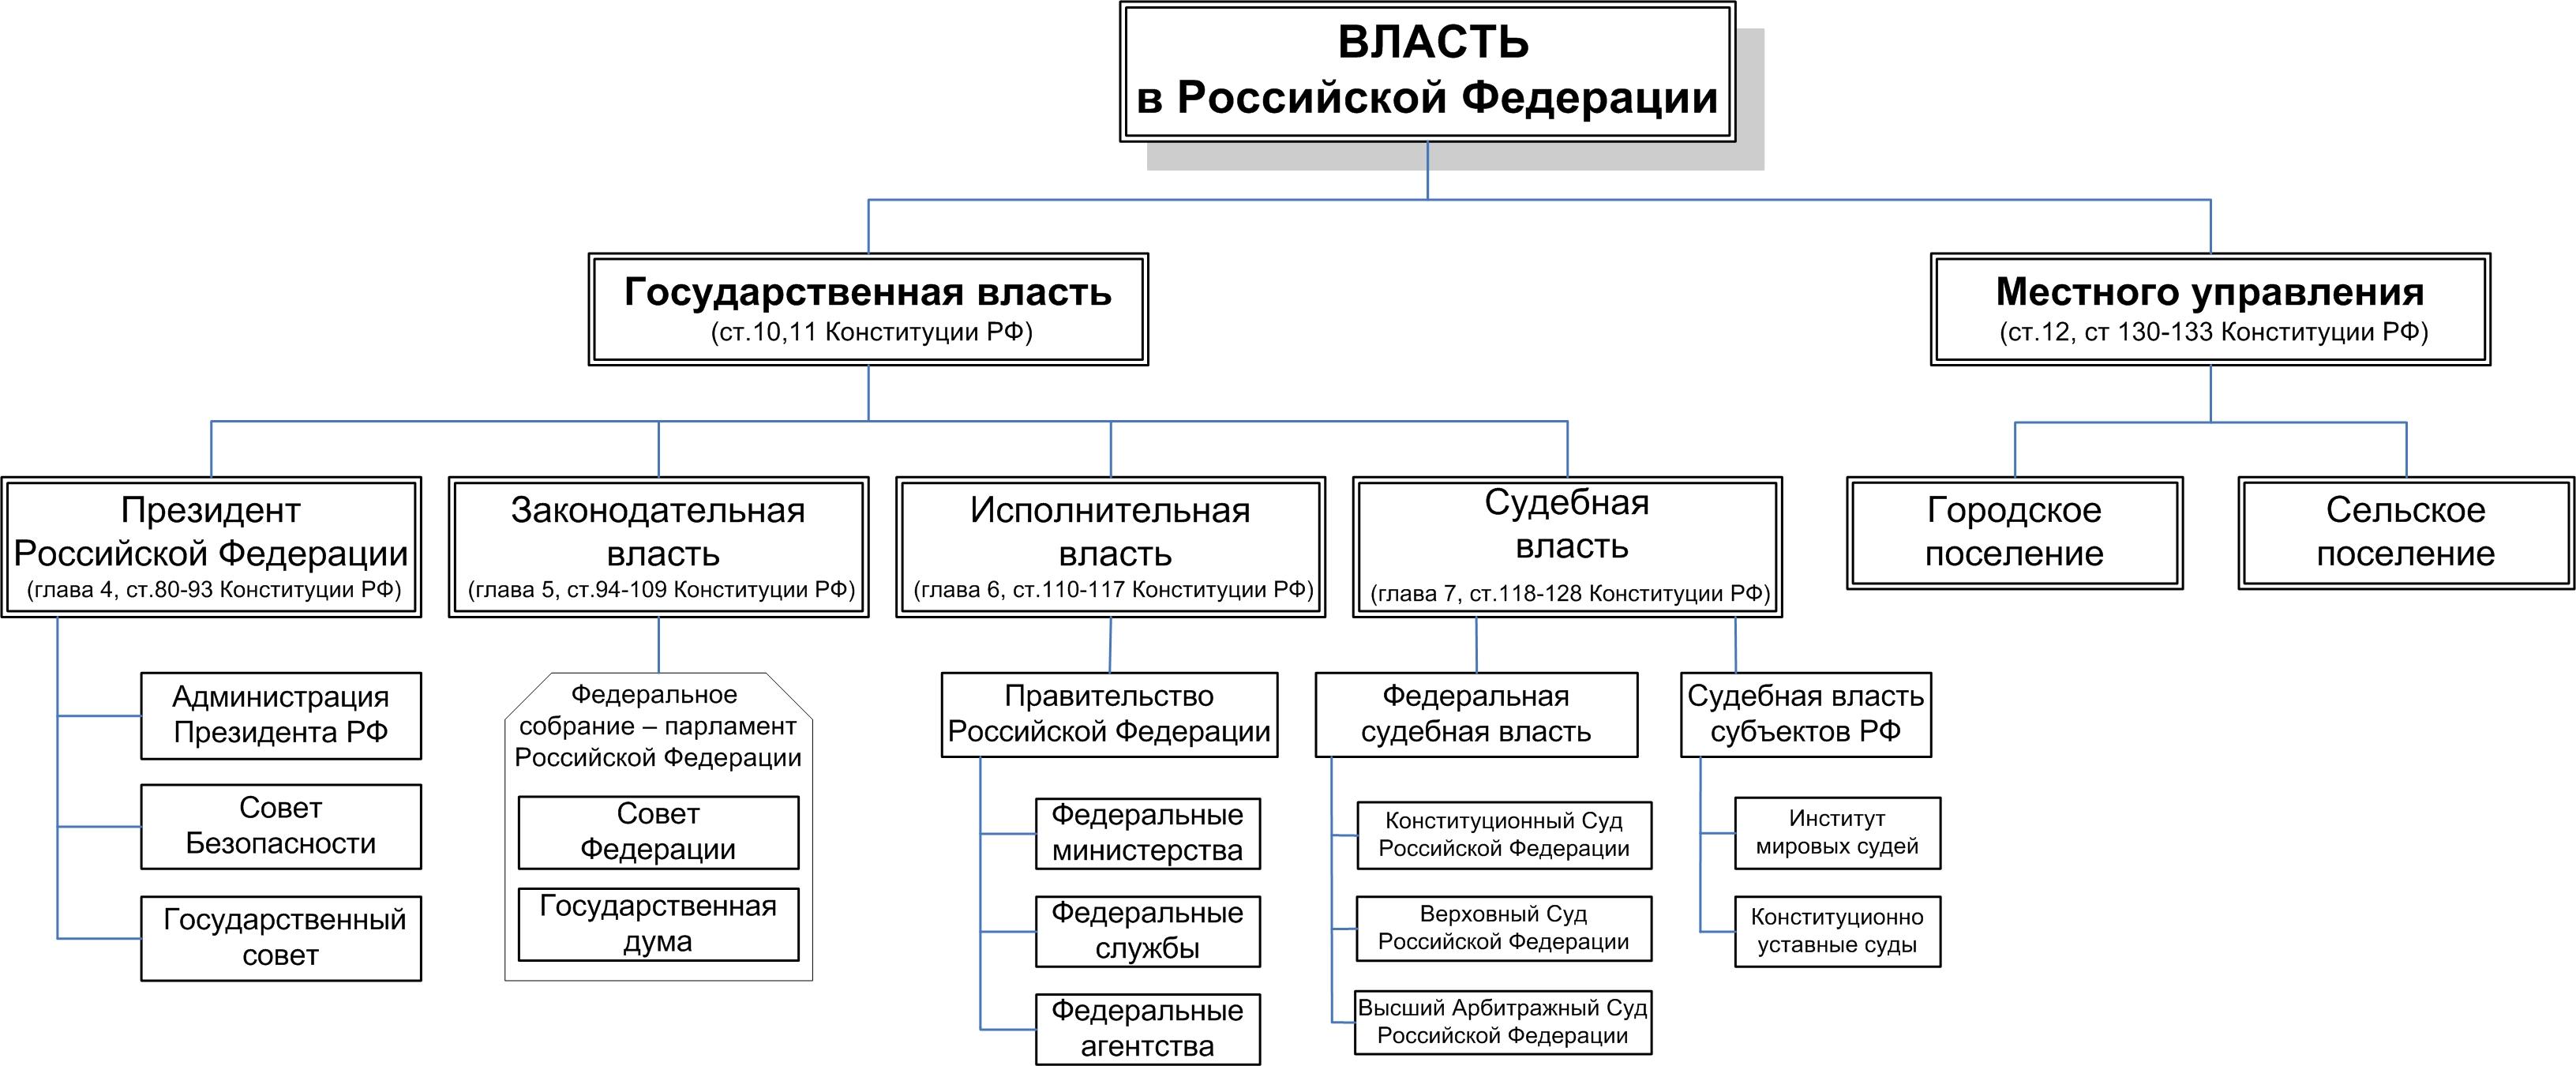 Реферат информационное обеспечение органов законодательной власти